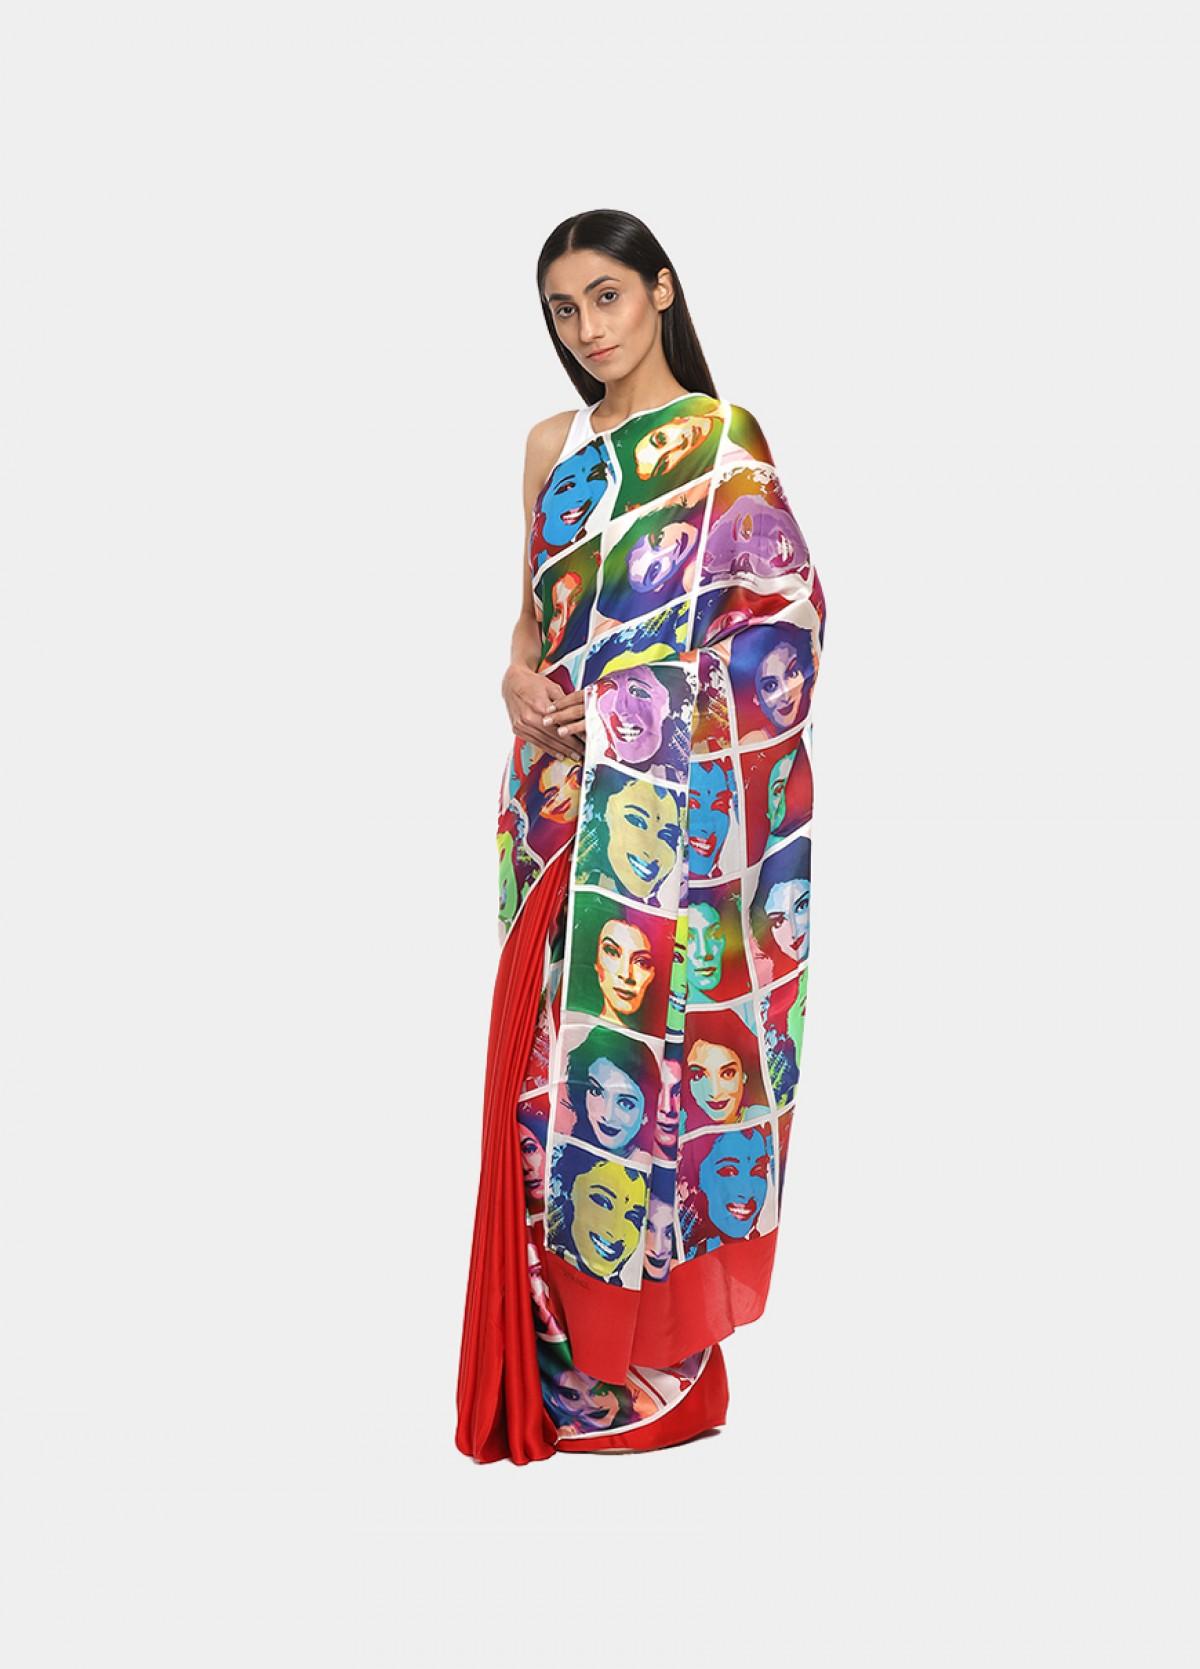 The Pop Art Inspired Print Printed Sari